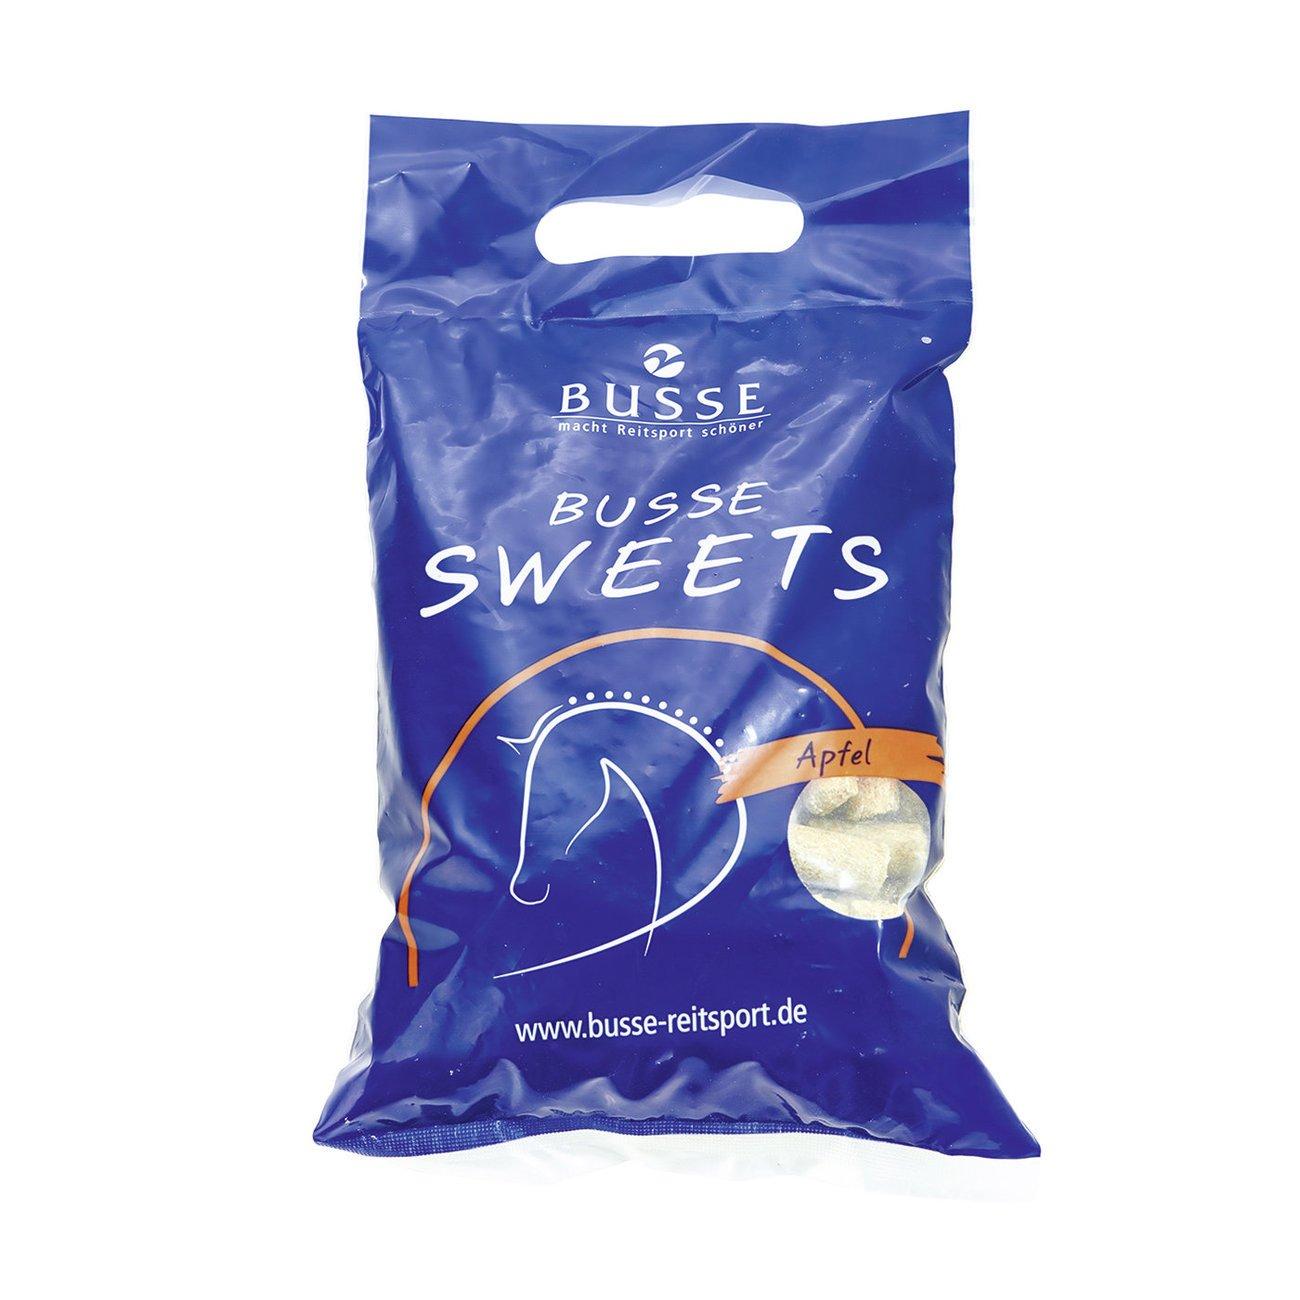 BUSSE Pferdeleckerlis Sweets, 1 kg - Apfel